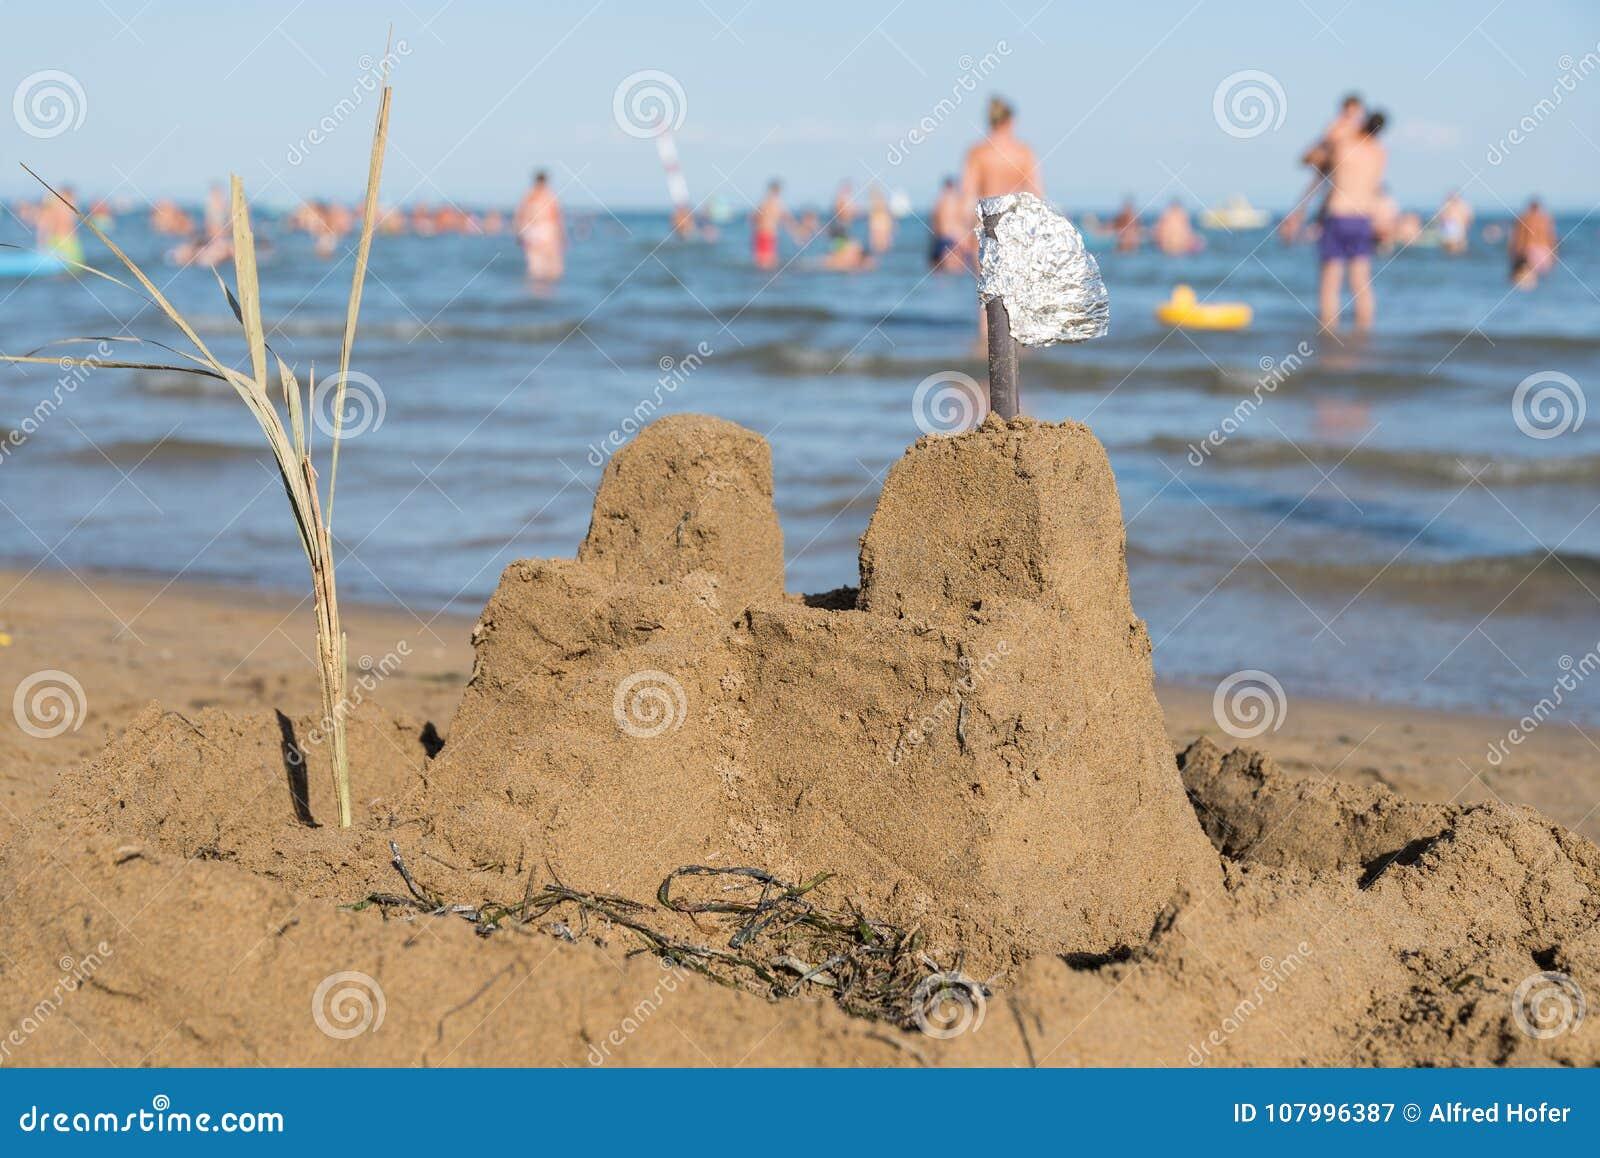 Mar de desatención del castillo de arena